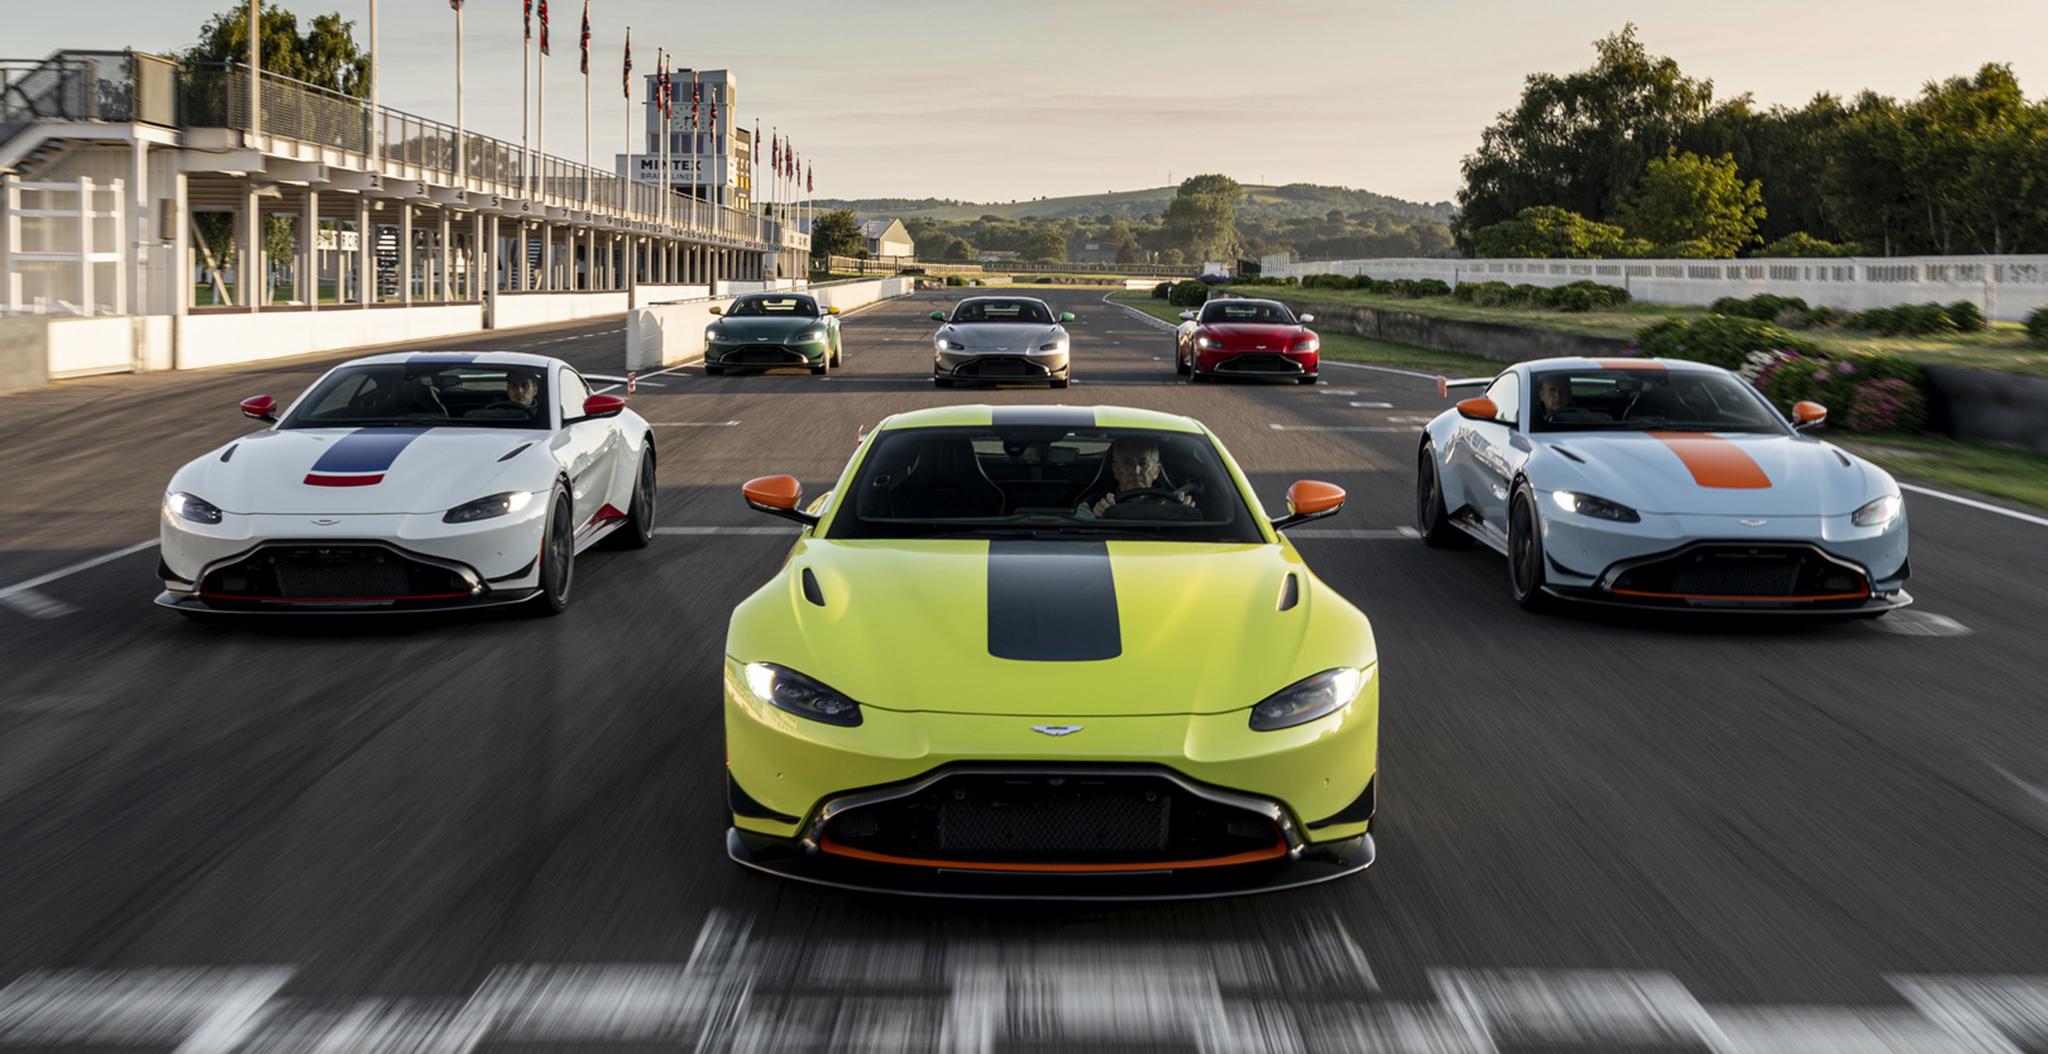 Aston Martin báo lỗ 95 triệu USD trong nửa đầu năm 2019